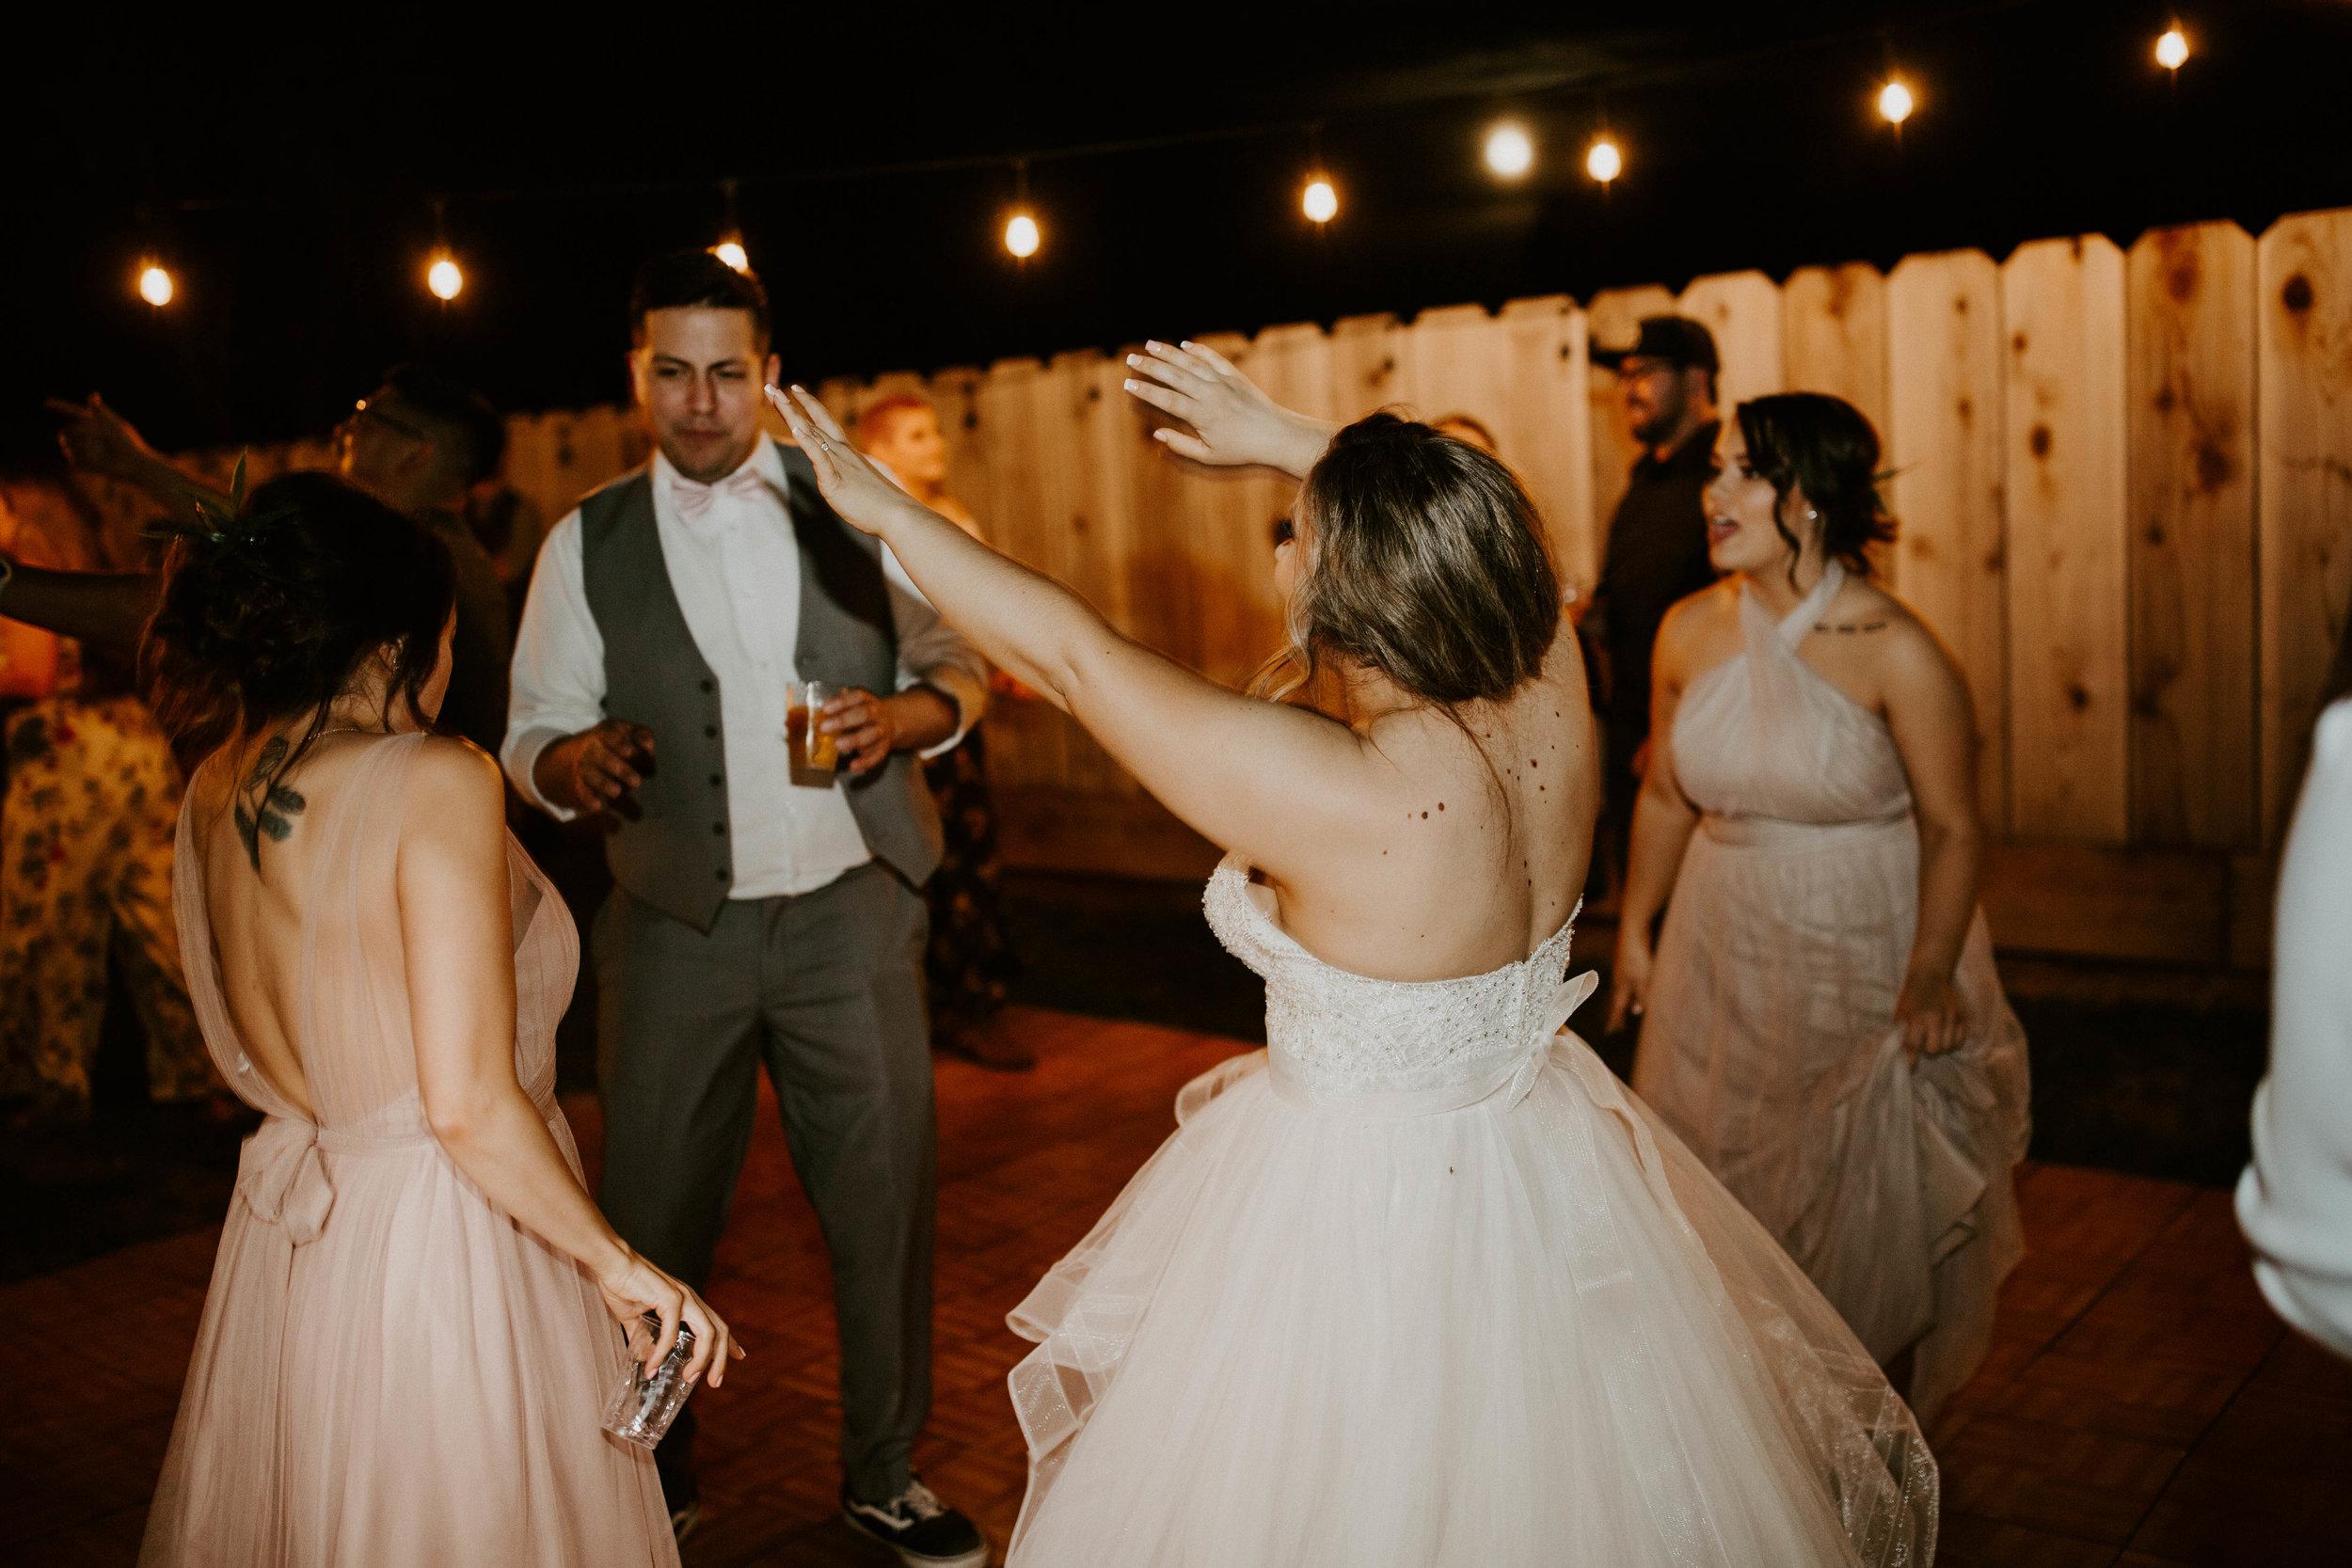 Kelsee&Yudith'sbackyardintimatewedding(625of646).jpg